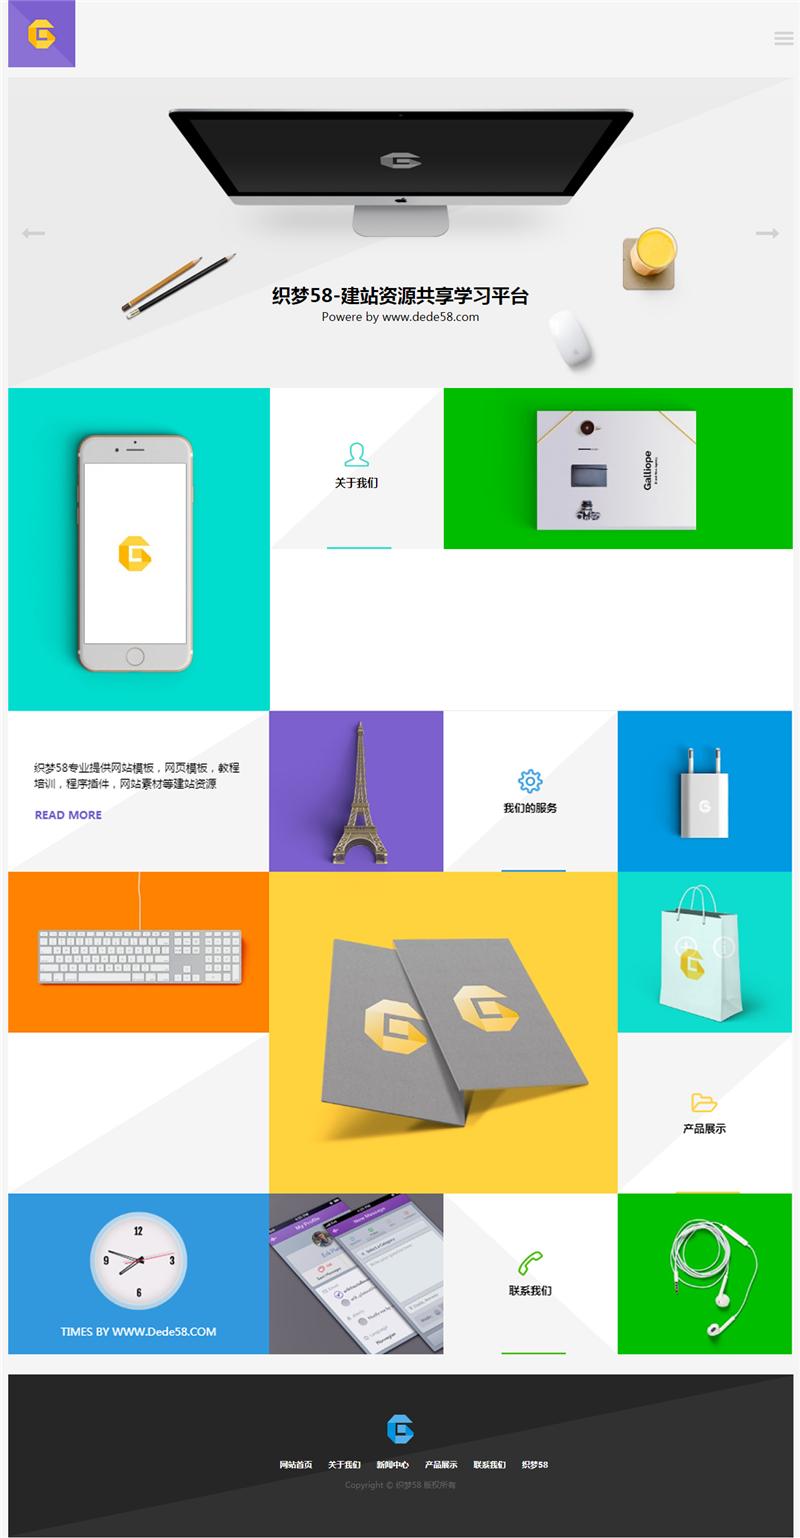 织梦dedecms模板WIN8卡片风格网站模板源码带测试数据